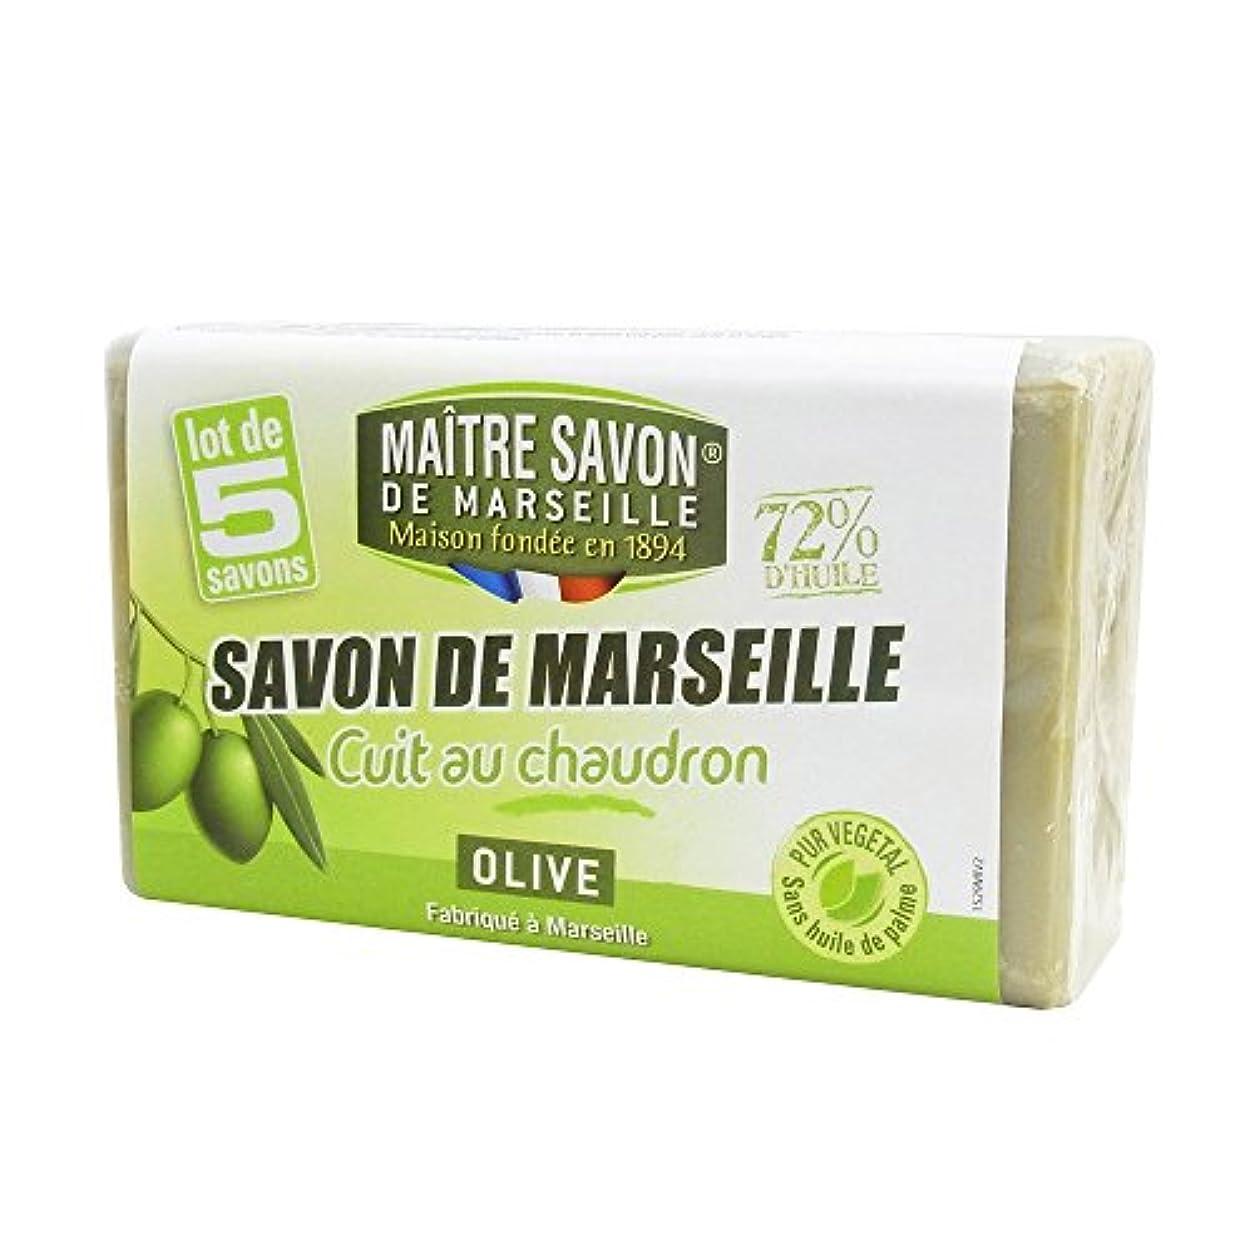 見つけた遠え休日Maitre Savon de Marseille(メートル?サボン?ド?マルセイユ) サボン?ド?マルセイユ オリーブ 100g×5個